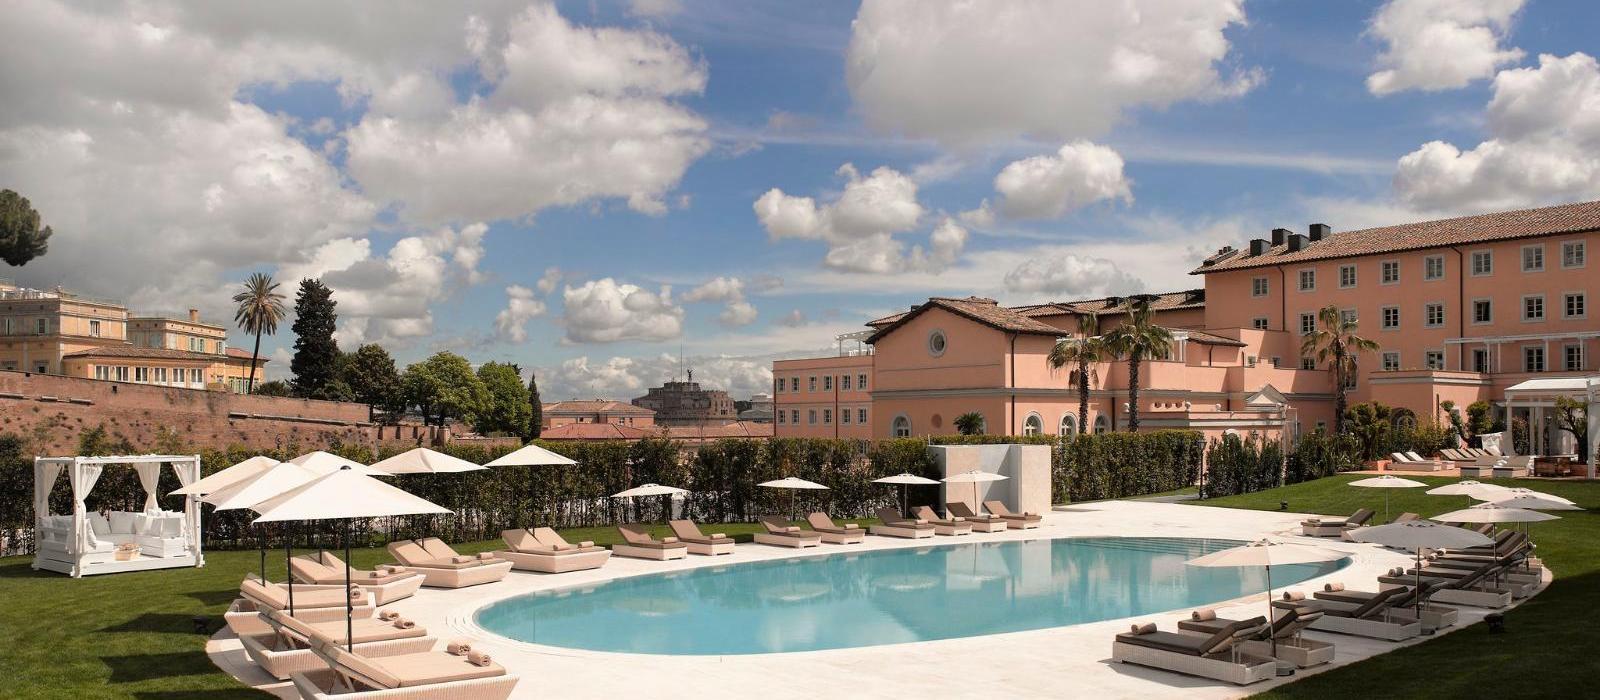 罗马梅丽亚阿格丽娉娜皇后别墅酒店(Villa Agrippina, a Gran Melia Hotel) 图片  www.lhw.cn